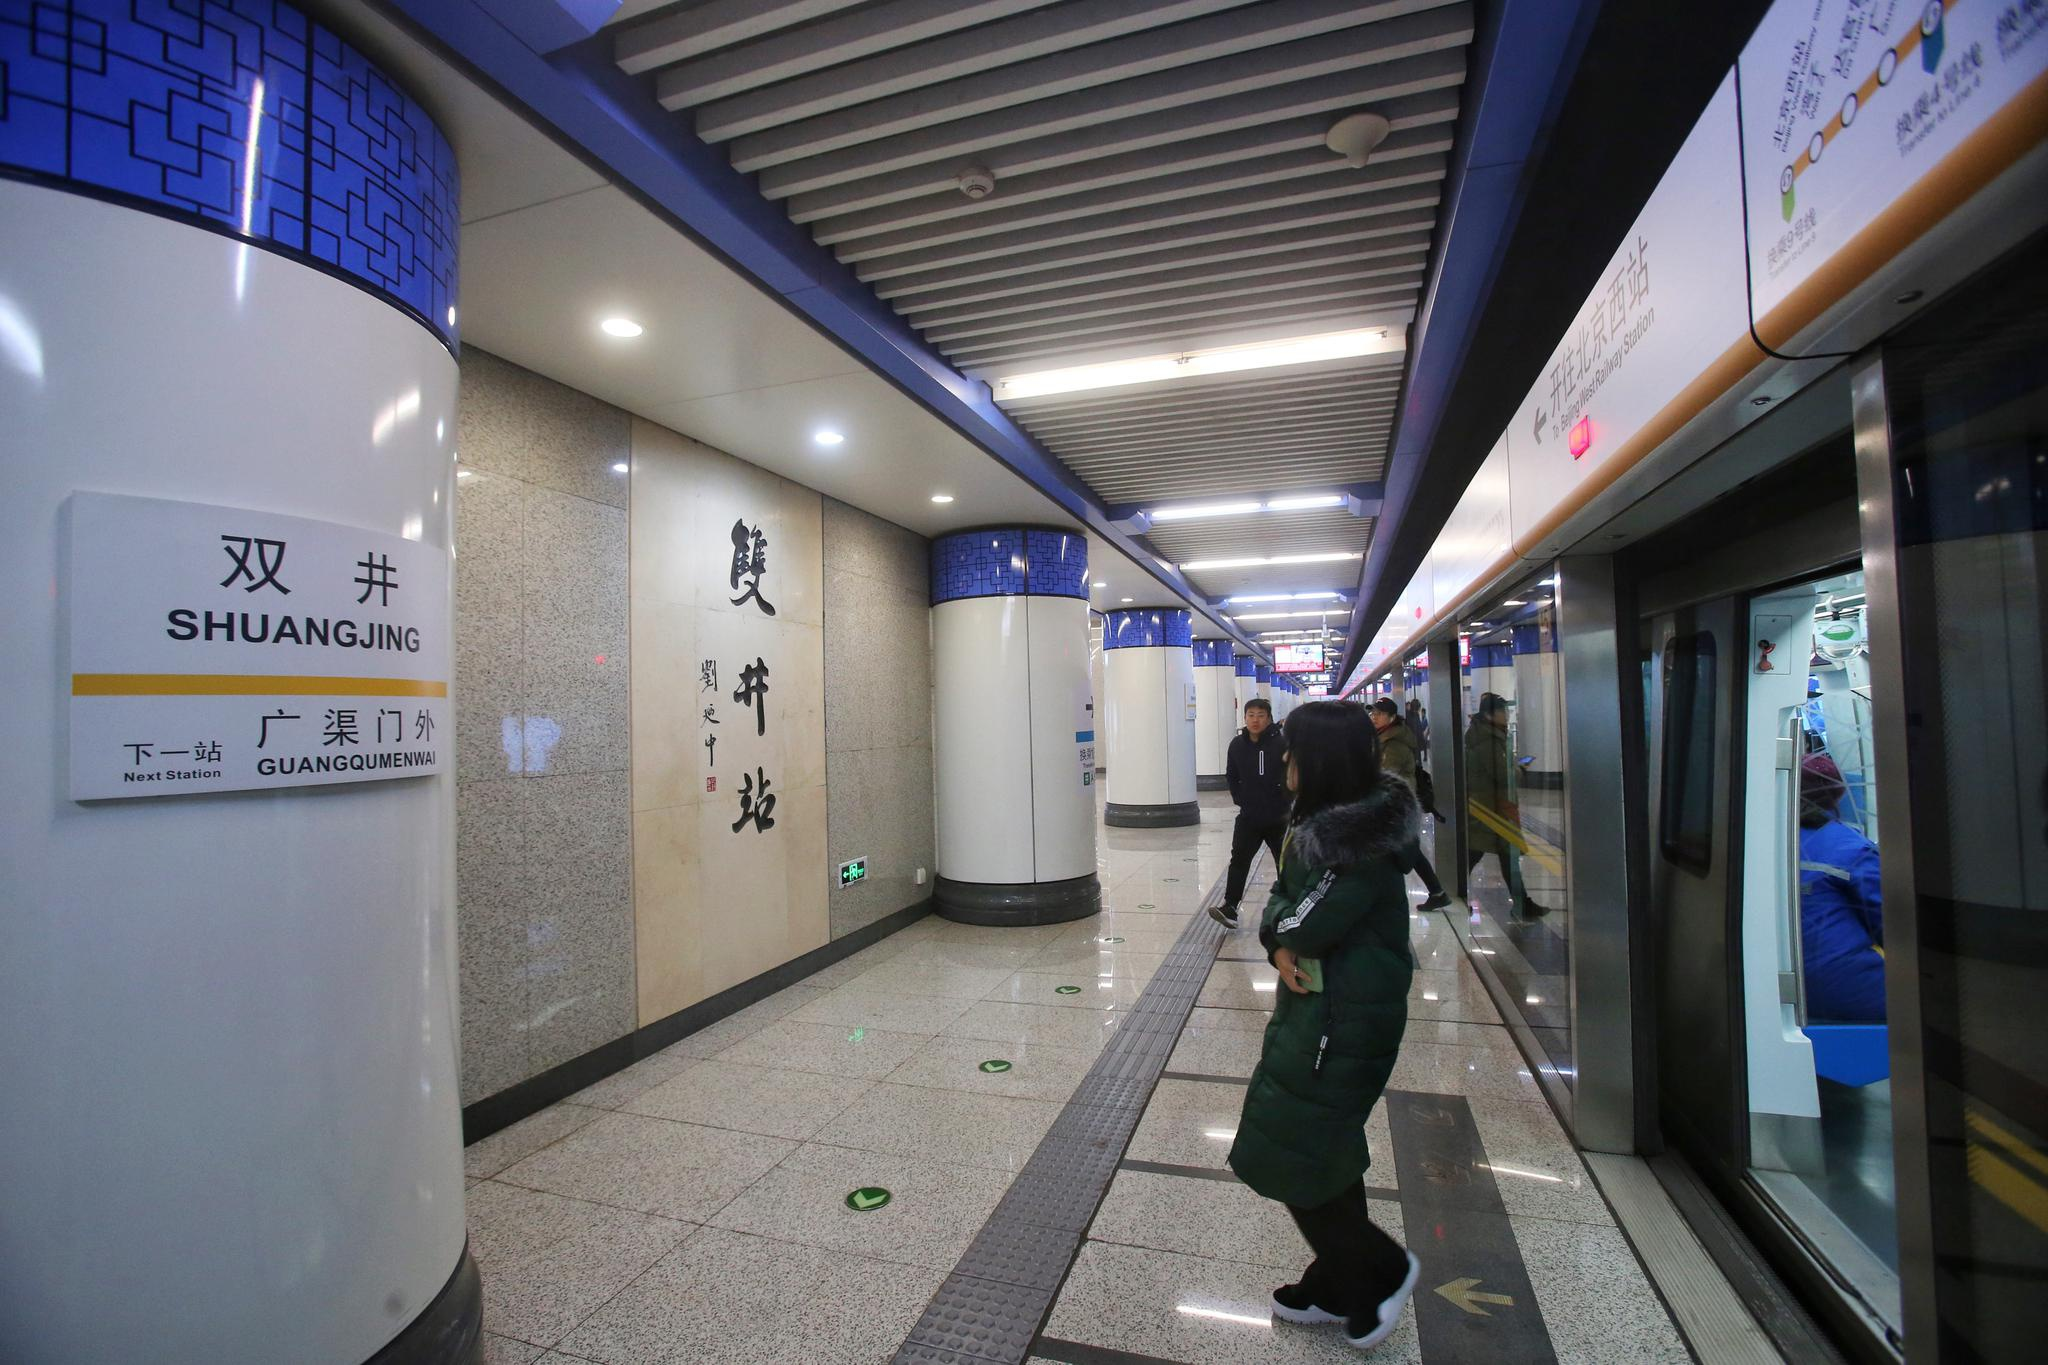 7号线双井站今起开通 具备全天换乘条件高峰时段或限流图片